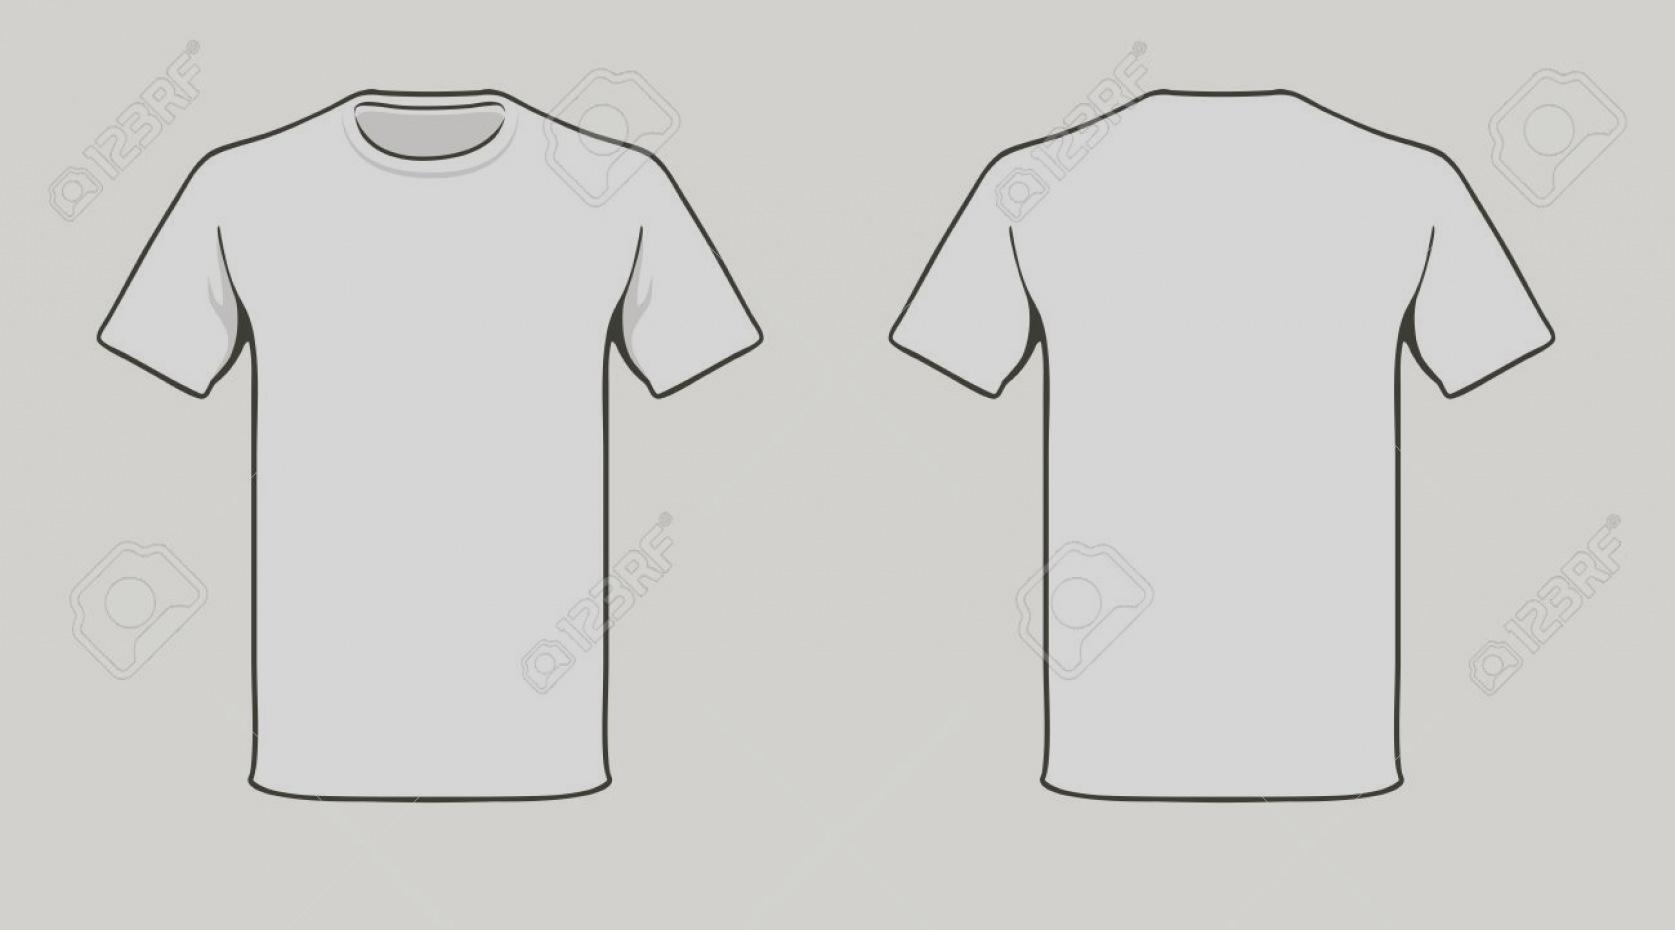 T Shirt Templates Cdr Nils Stucki Kieferorthopade